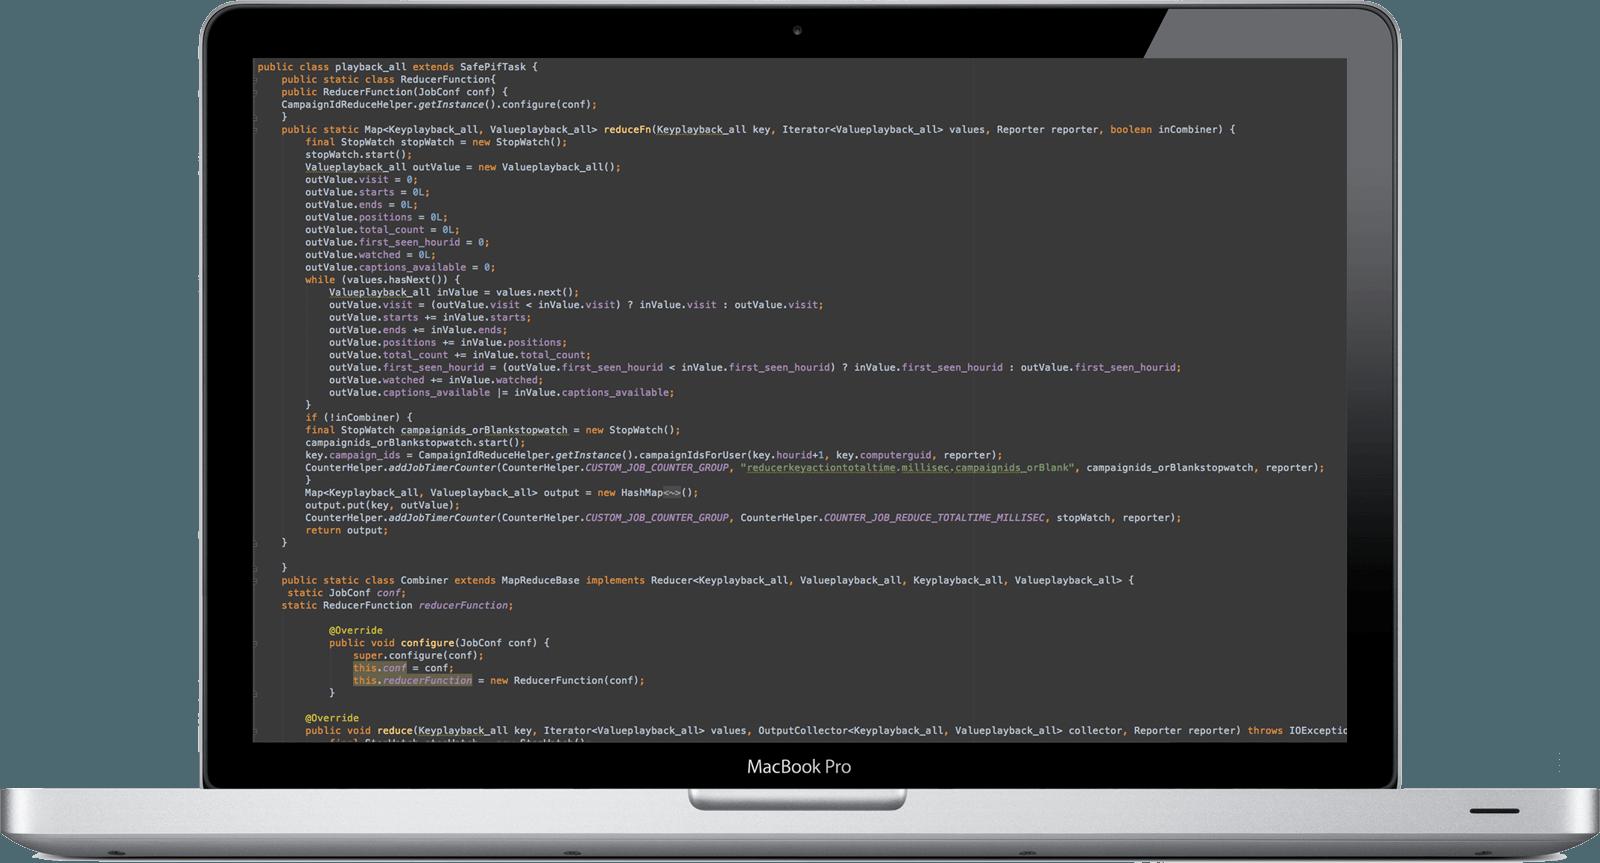 macbook_pro-code